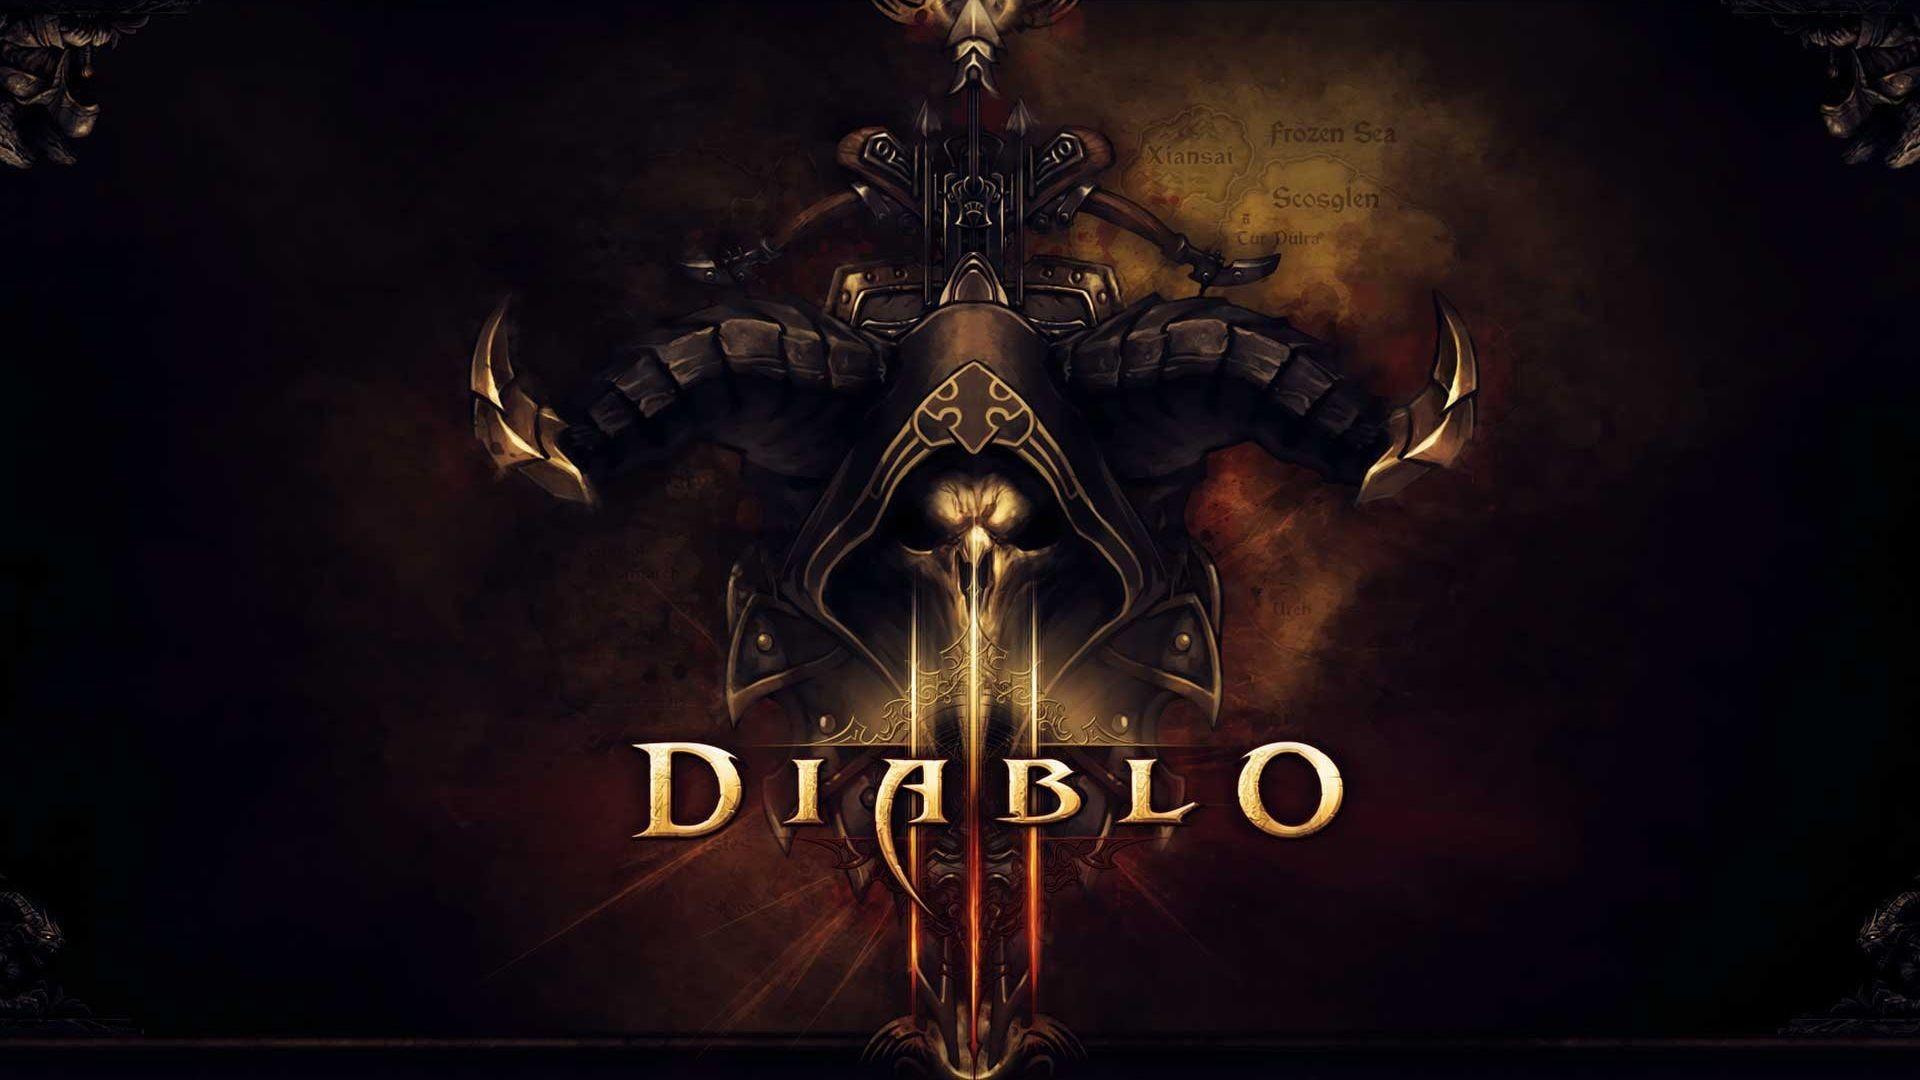 Diablo III Demon Hunter Artwork HD Wallpaper in Full HD from the Video  Games category.